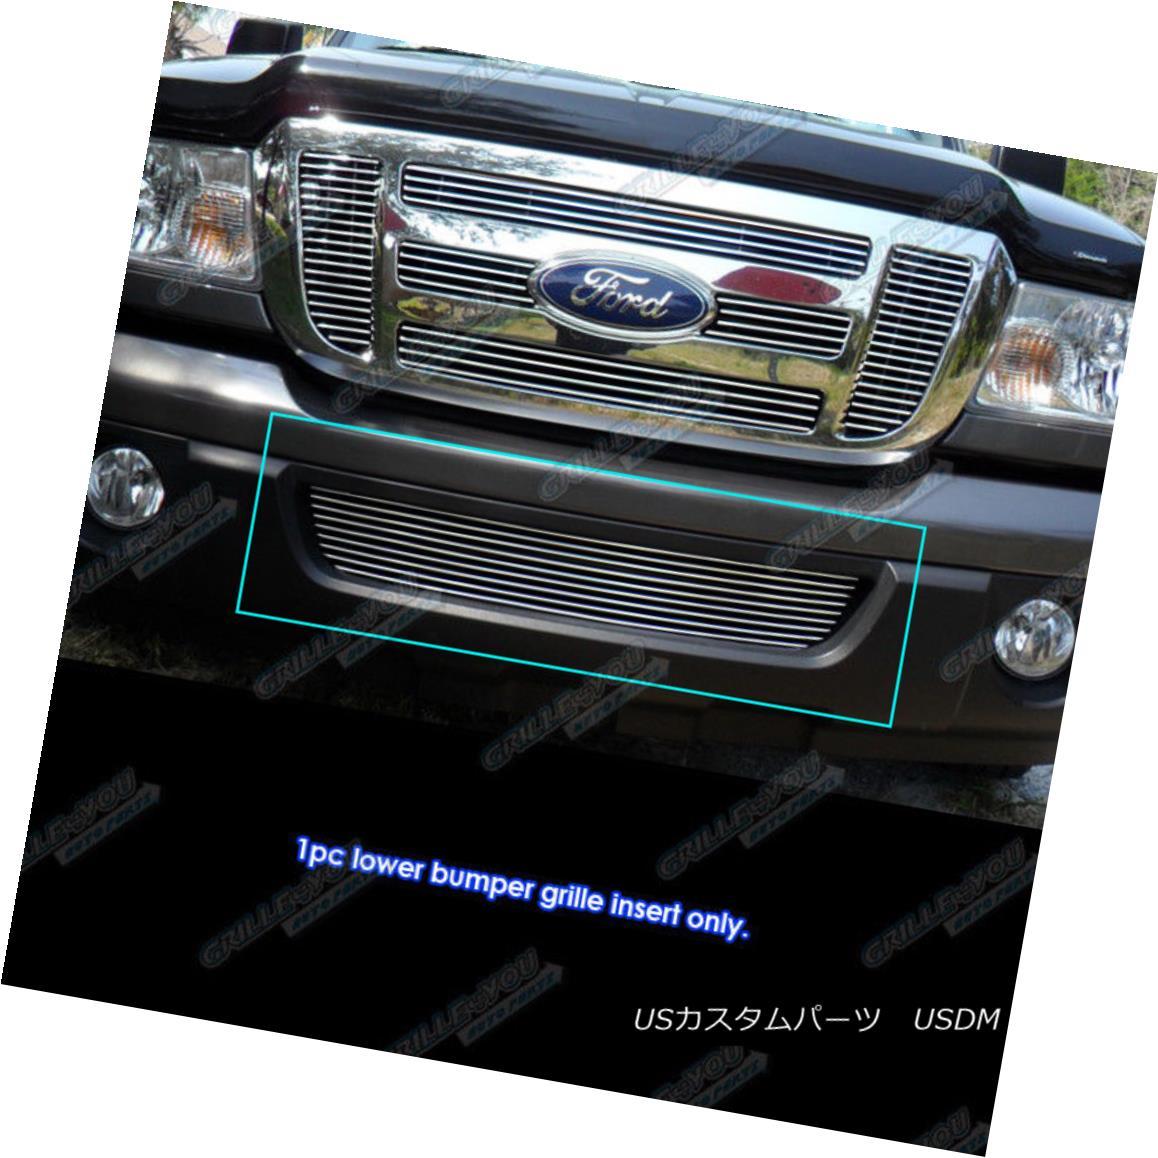 グリル Fits 2006-2012 Ford Ranger Lower Bumper Billet Grille Grill Insert フィット2006-2012フォードレンジャーロワーバンパービレットグリルグリルインサート